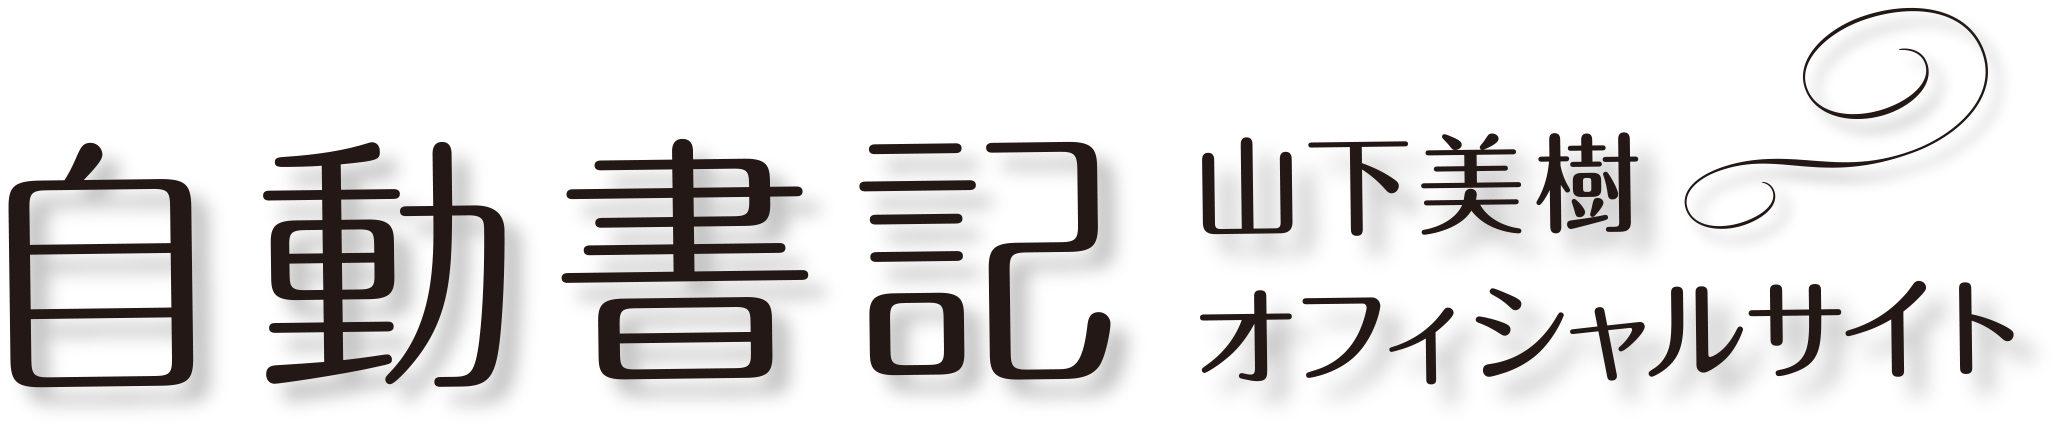 山下美樹オフィシャルサイト